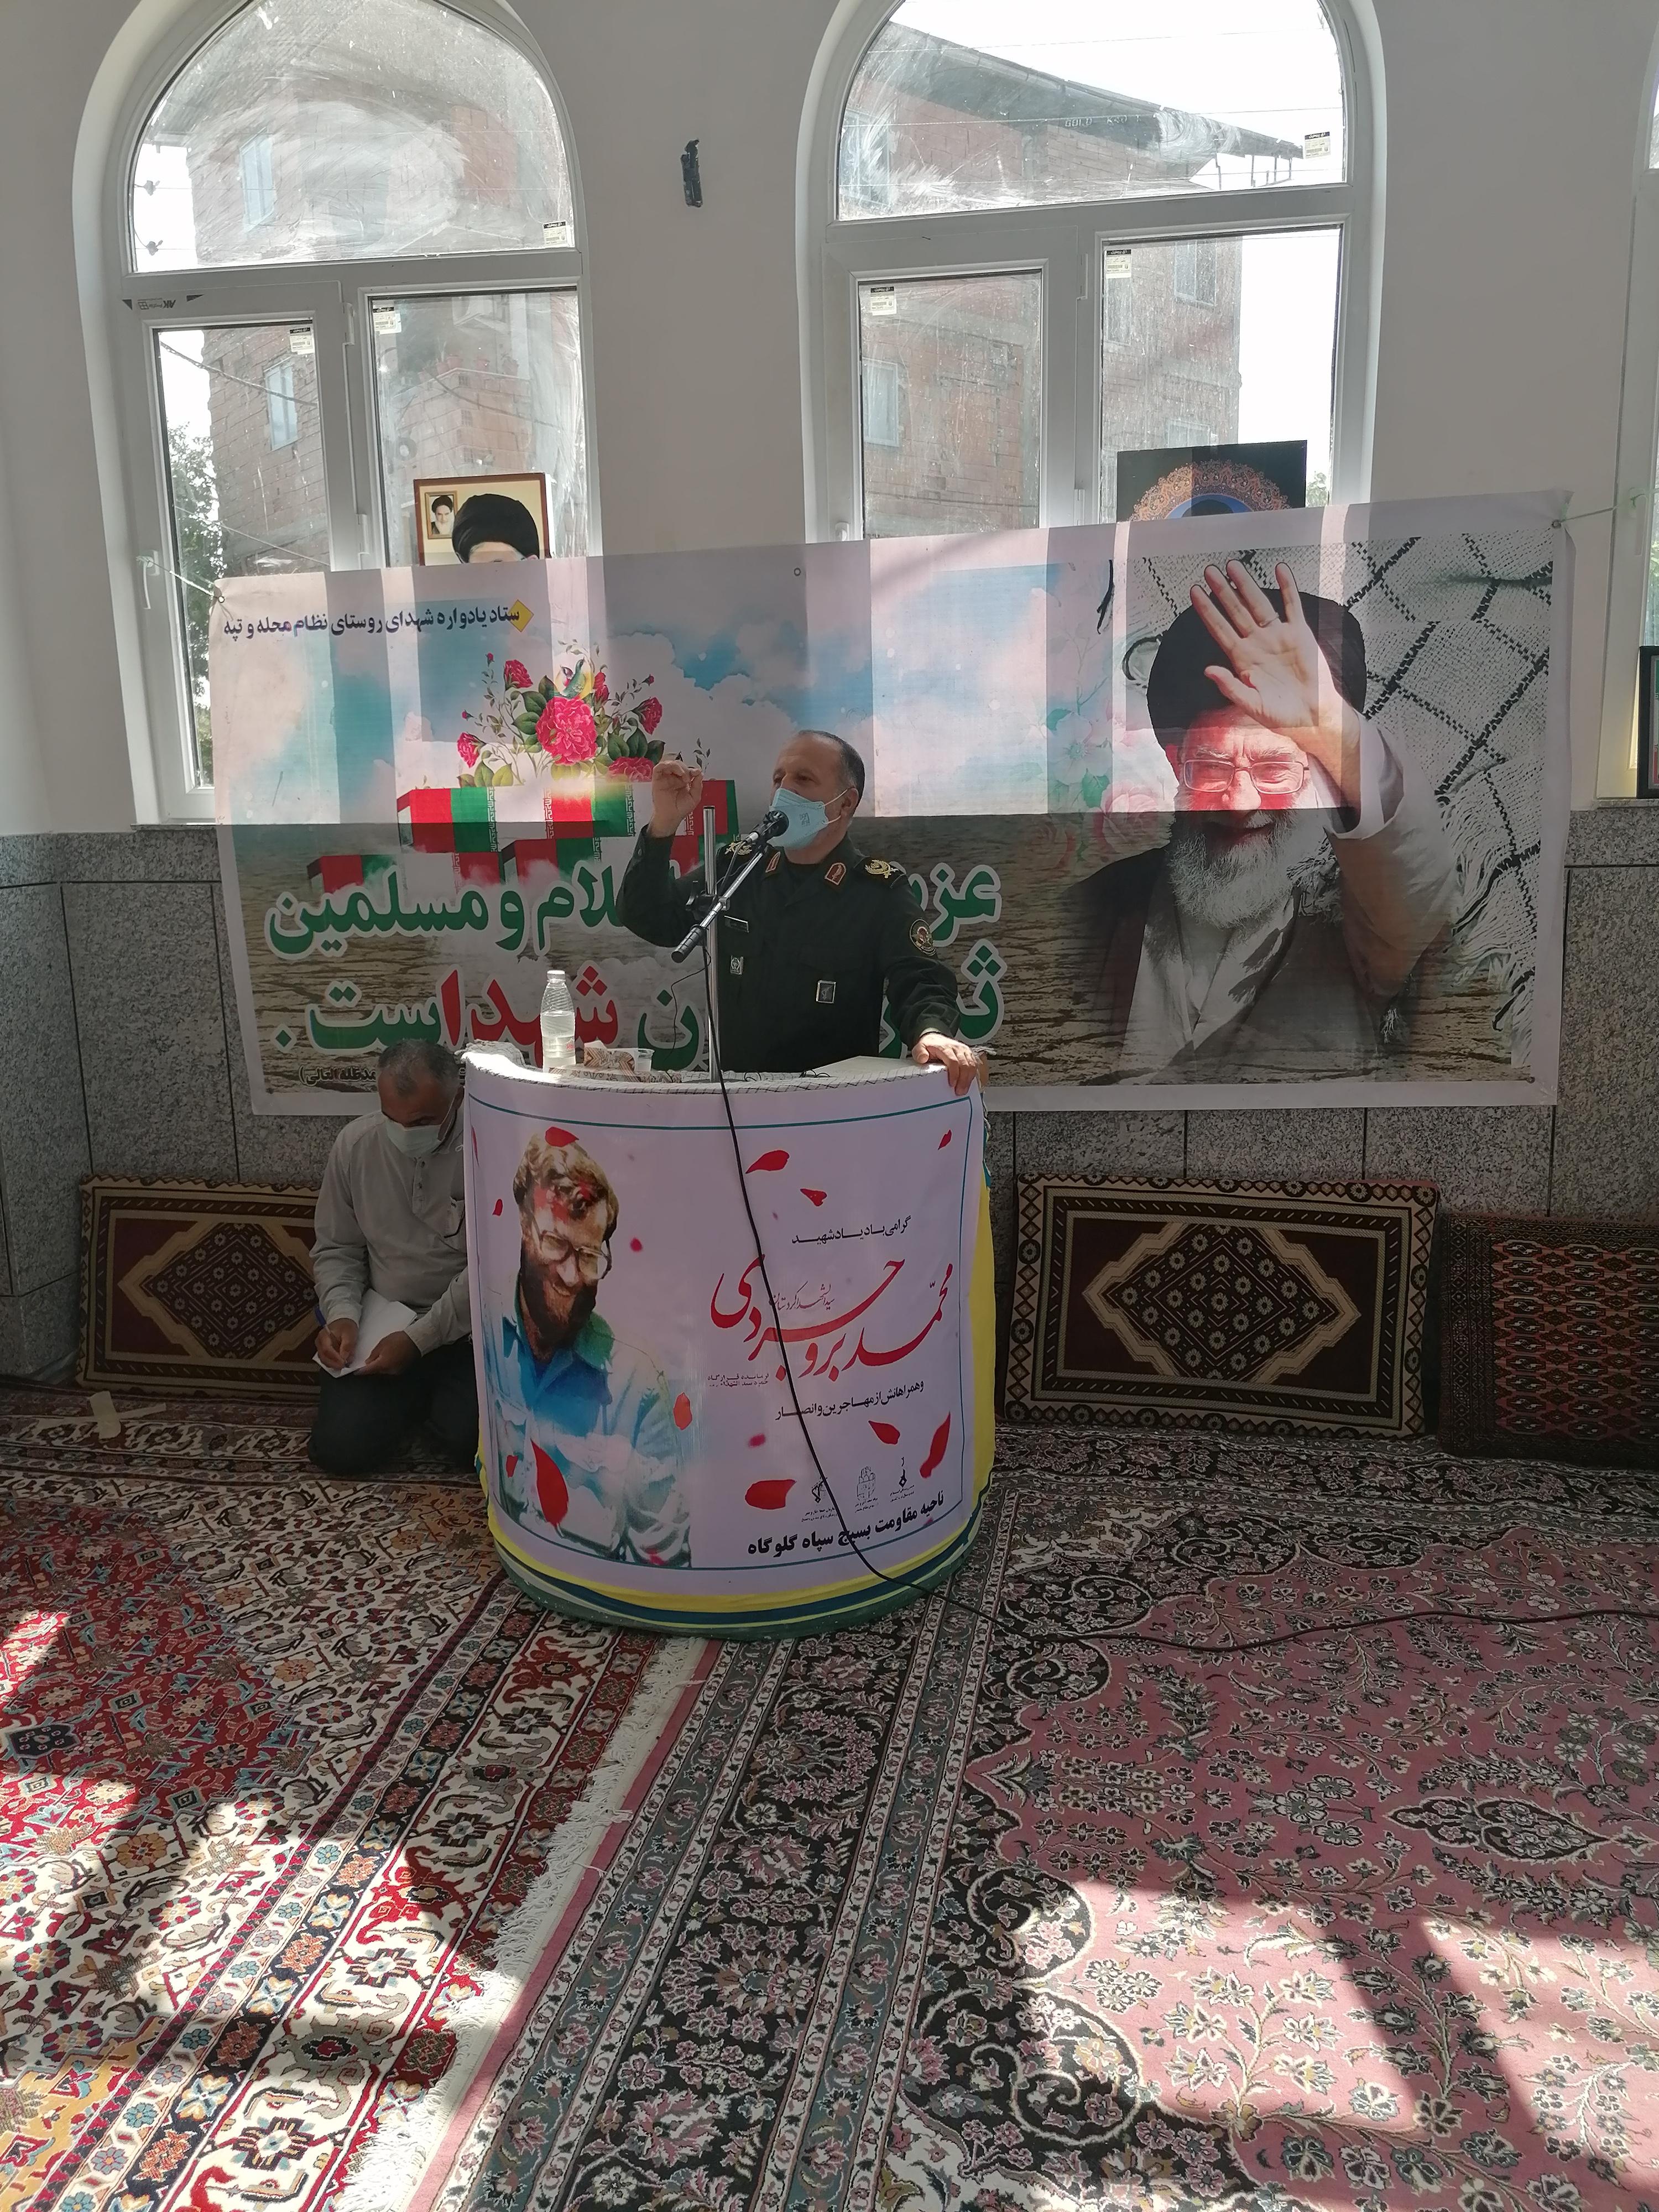 مراسم گرامیداشت سالروز شهادت «محمد بروجردی» برگزار شد+ تصاویر